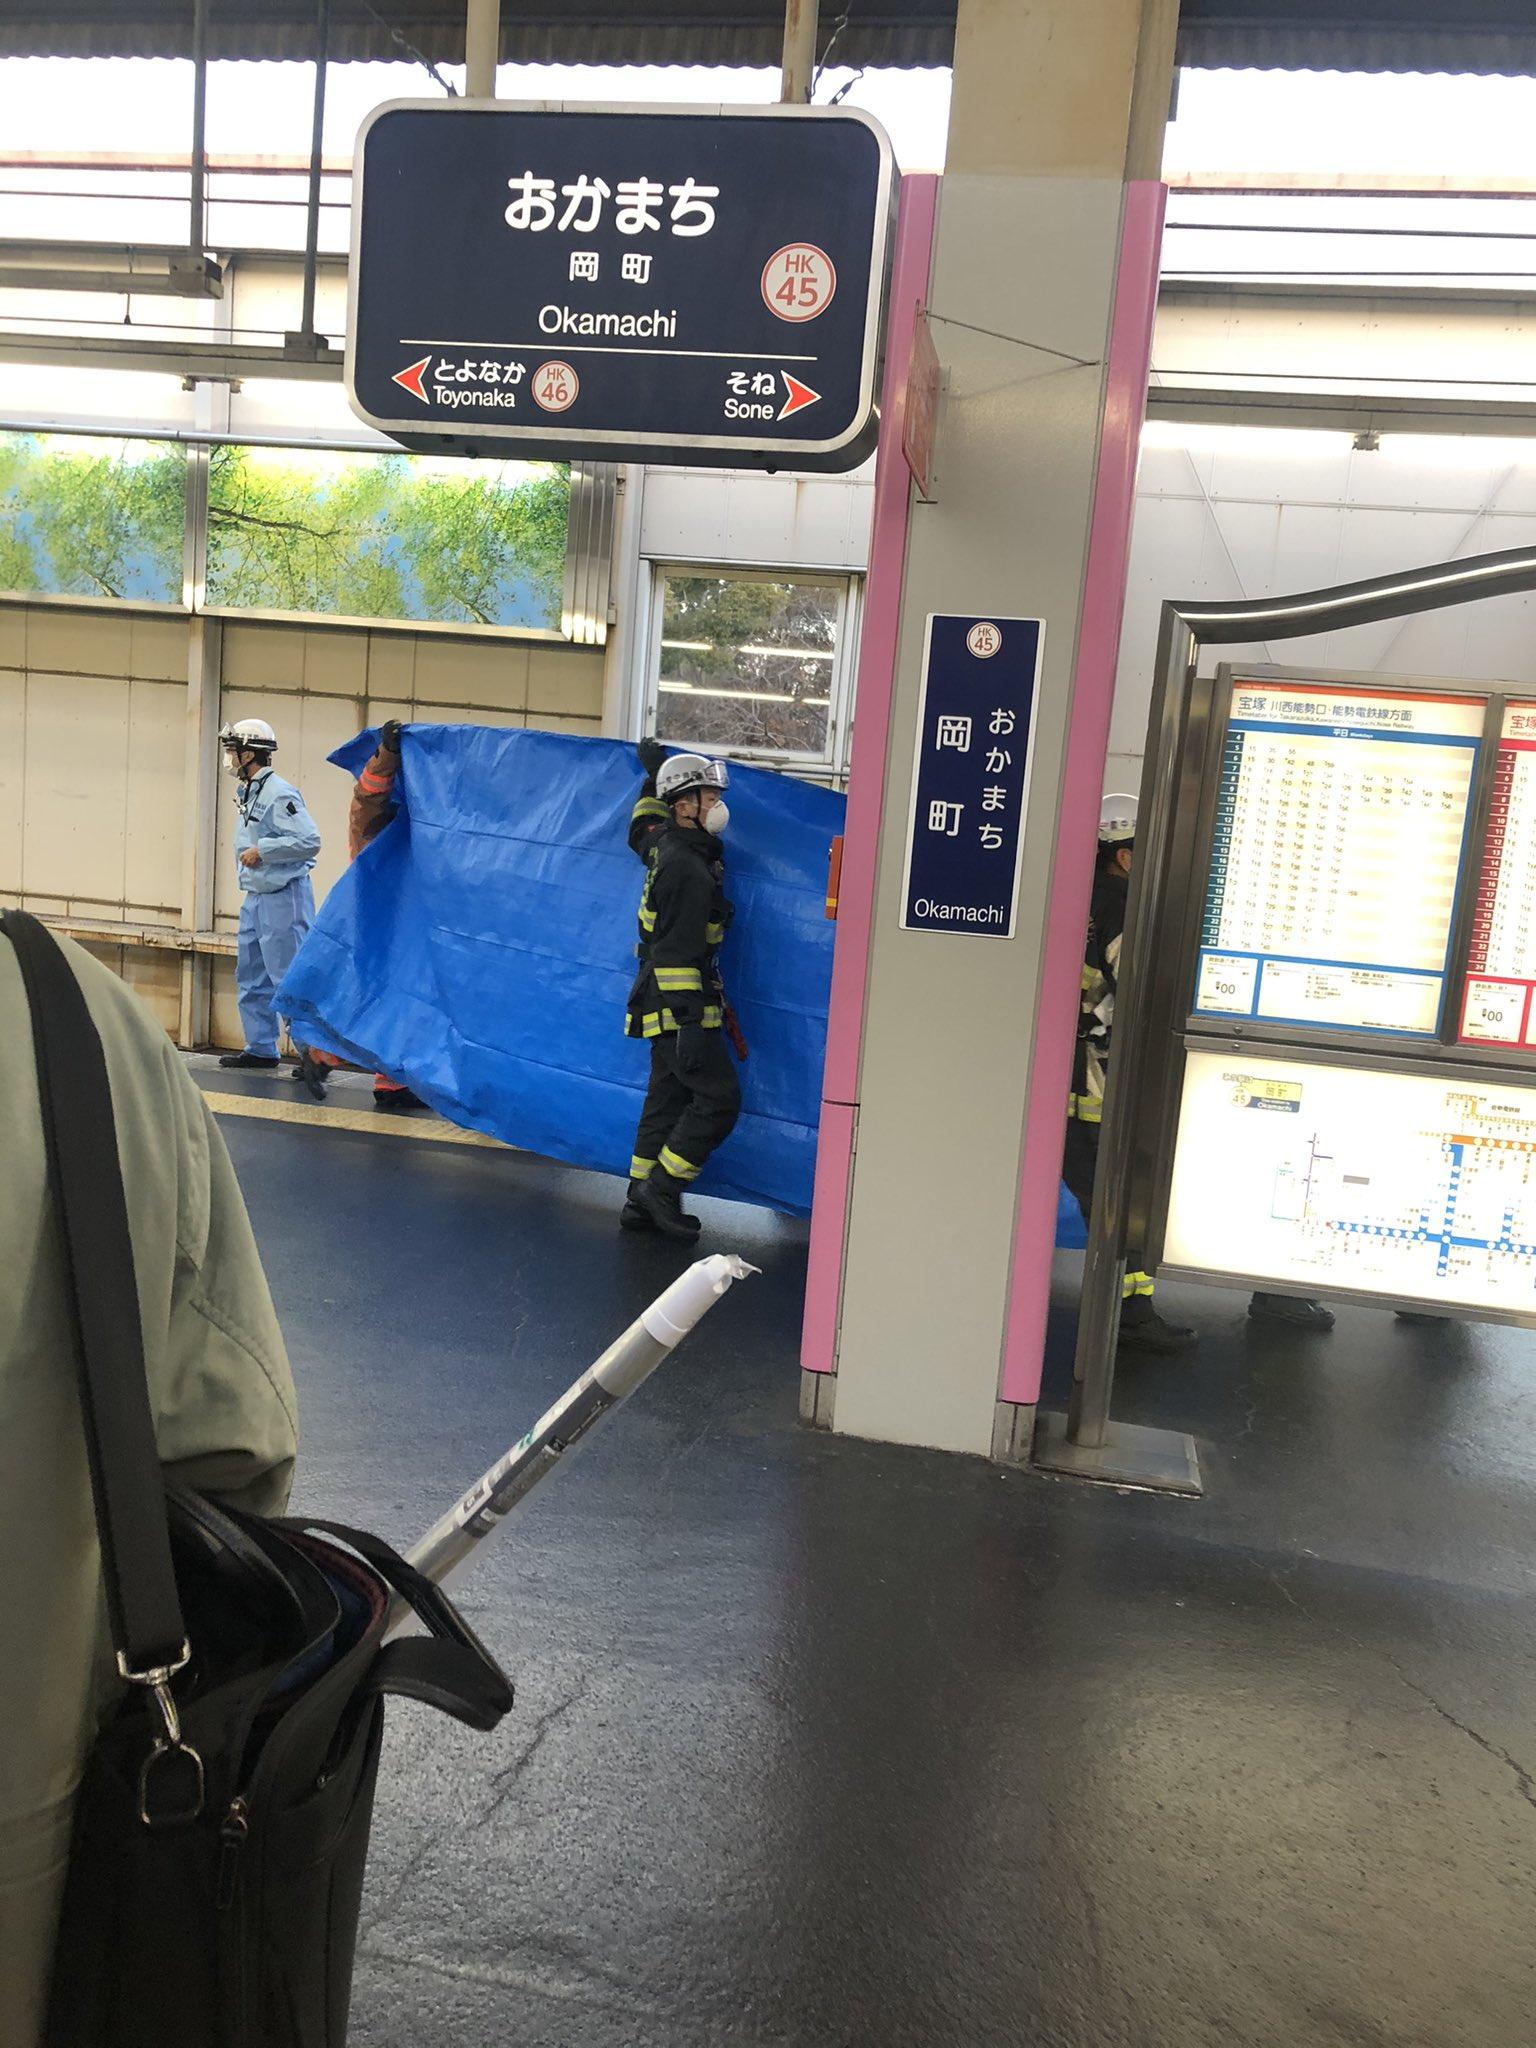 阪急宝塚線の岡町駅の人身事故現場の画像